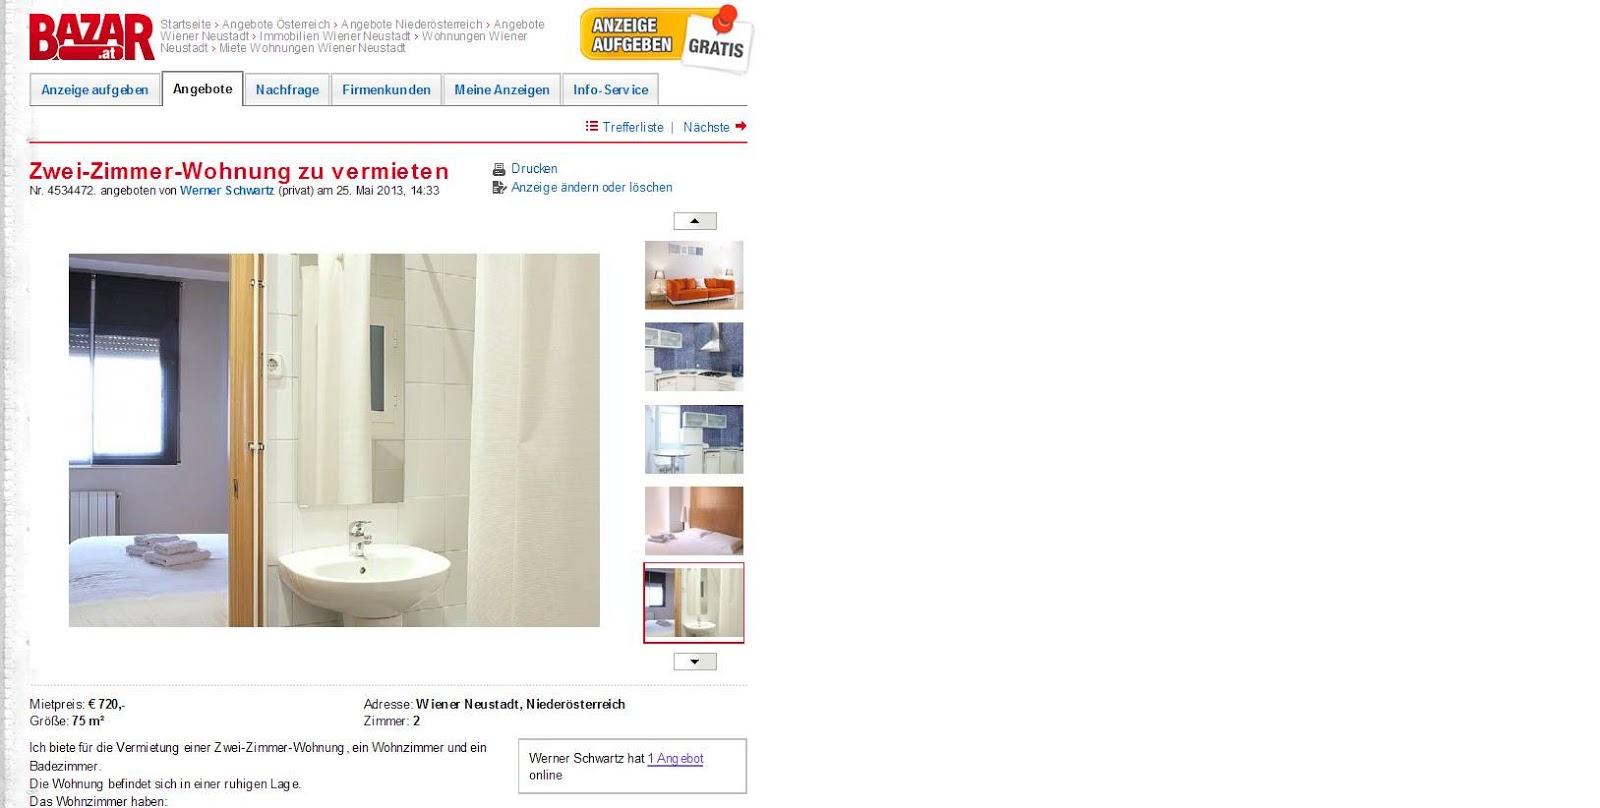 wohnungsbetrug2013 informationen ber wohnungsbetrug seite 220. Black Bedroom Furniture Sets. Home Design Ideas